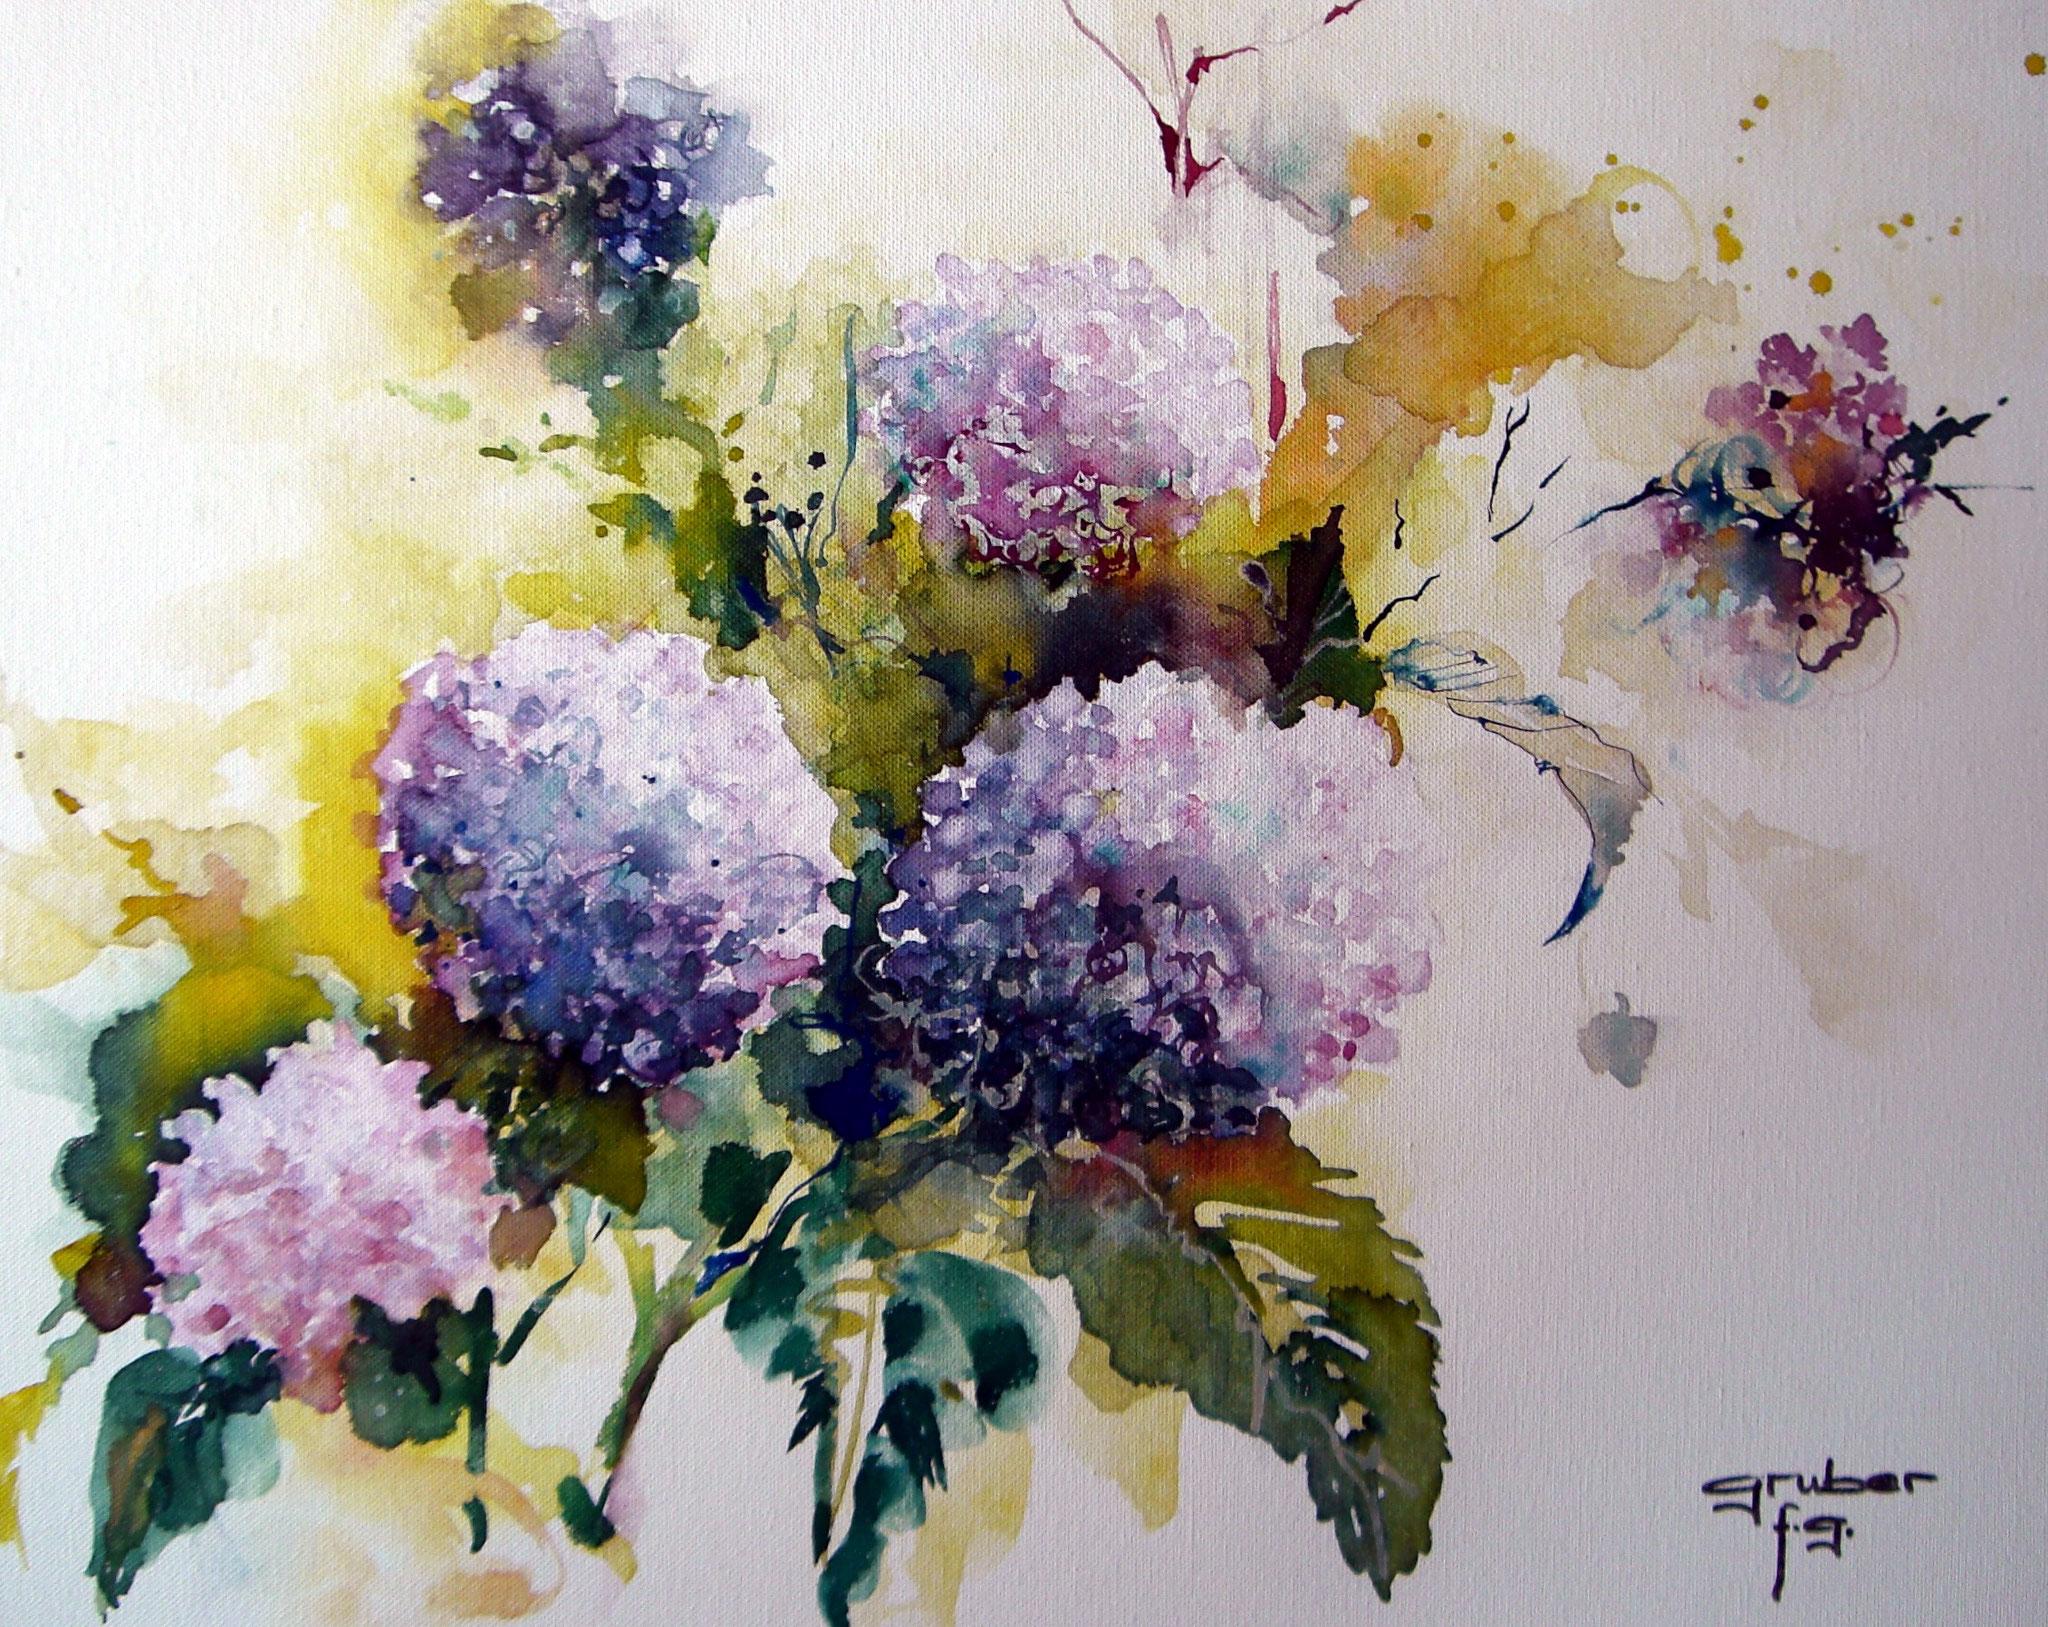 aquarell auf leinen - hortensien